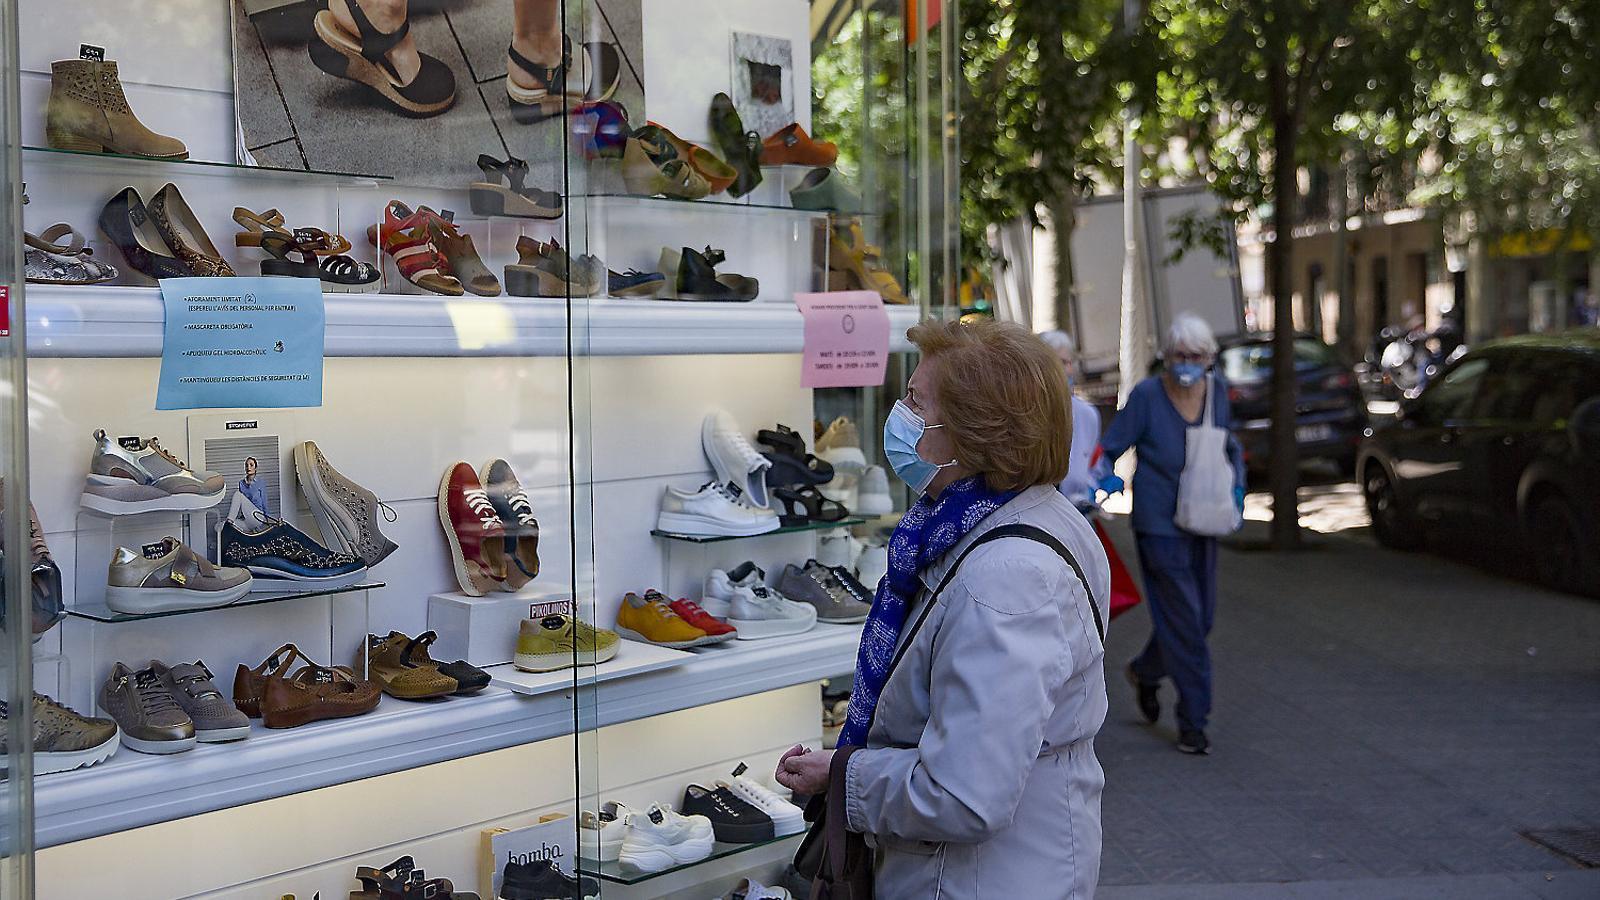 Una dona mirant l'aparador d'una botiga de Barcelona quan la ciutat era en fase 0,5.